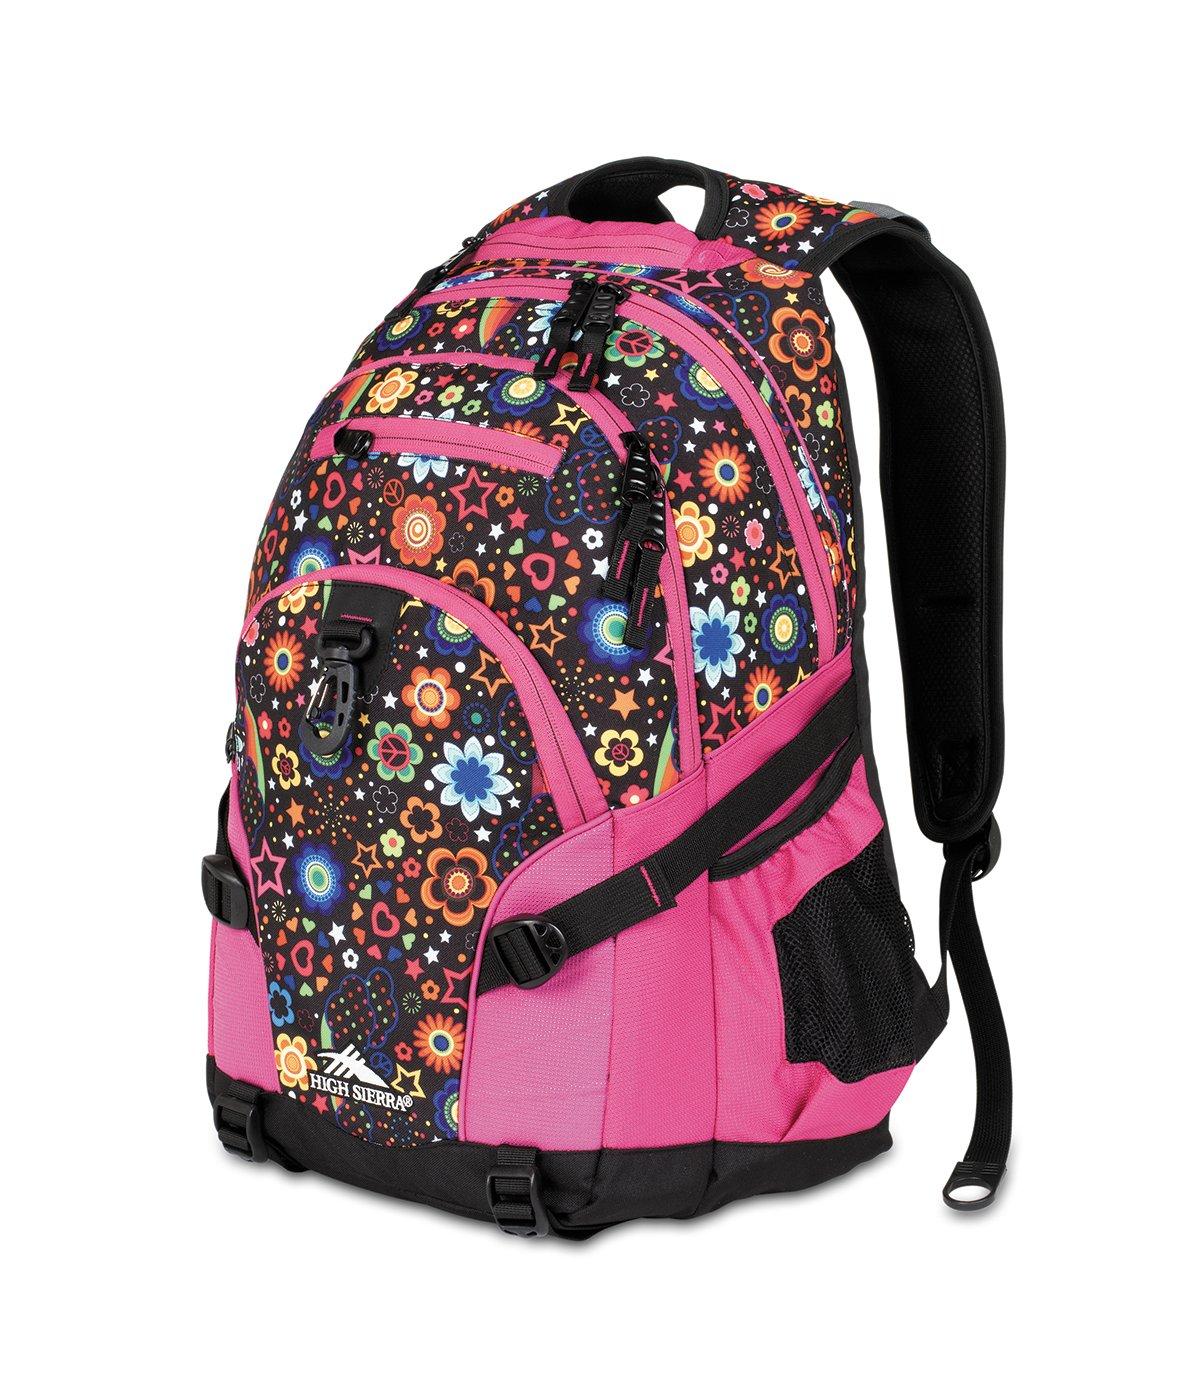 tas sekolah gendong pink high sierra loop